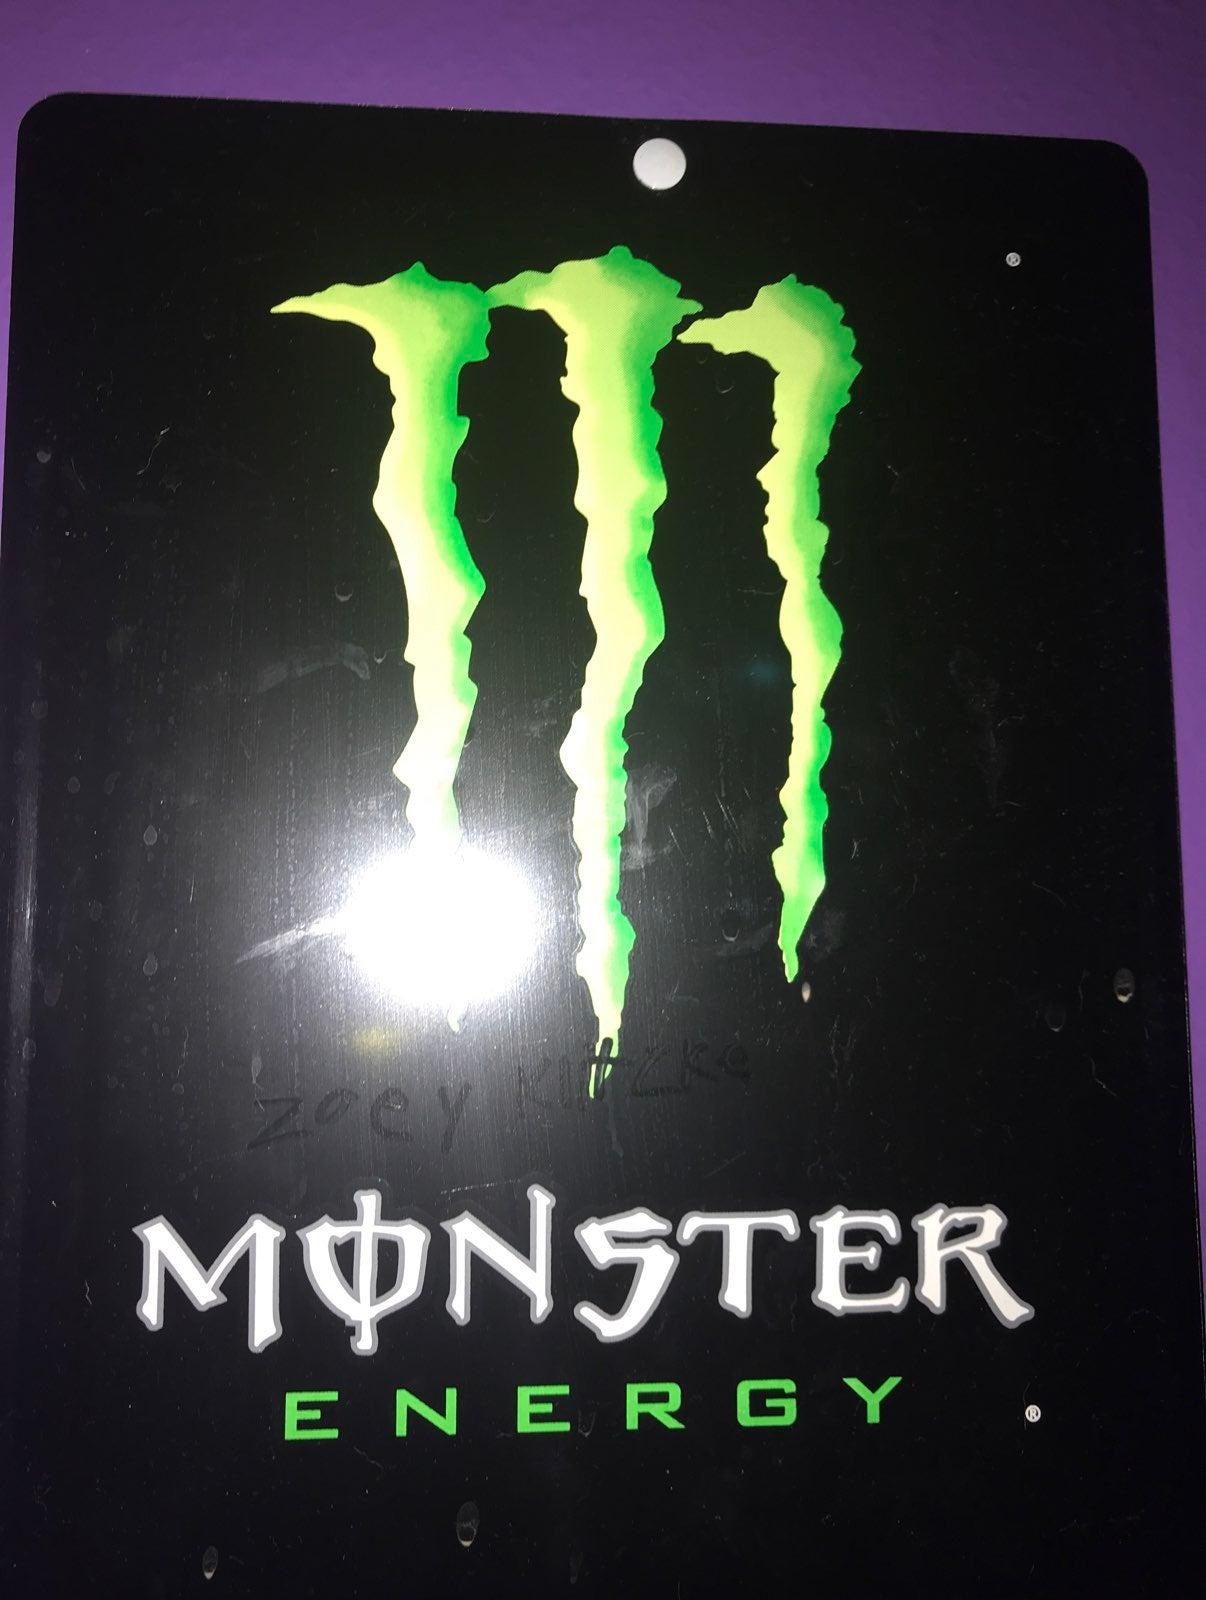 Monster energy sign